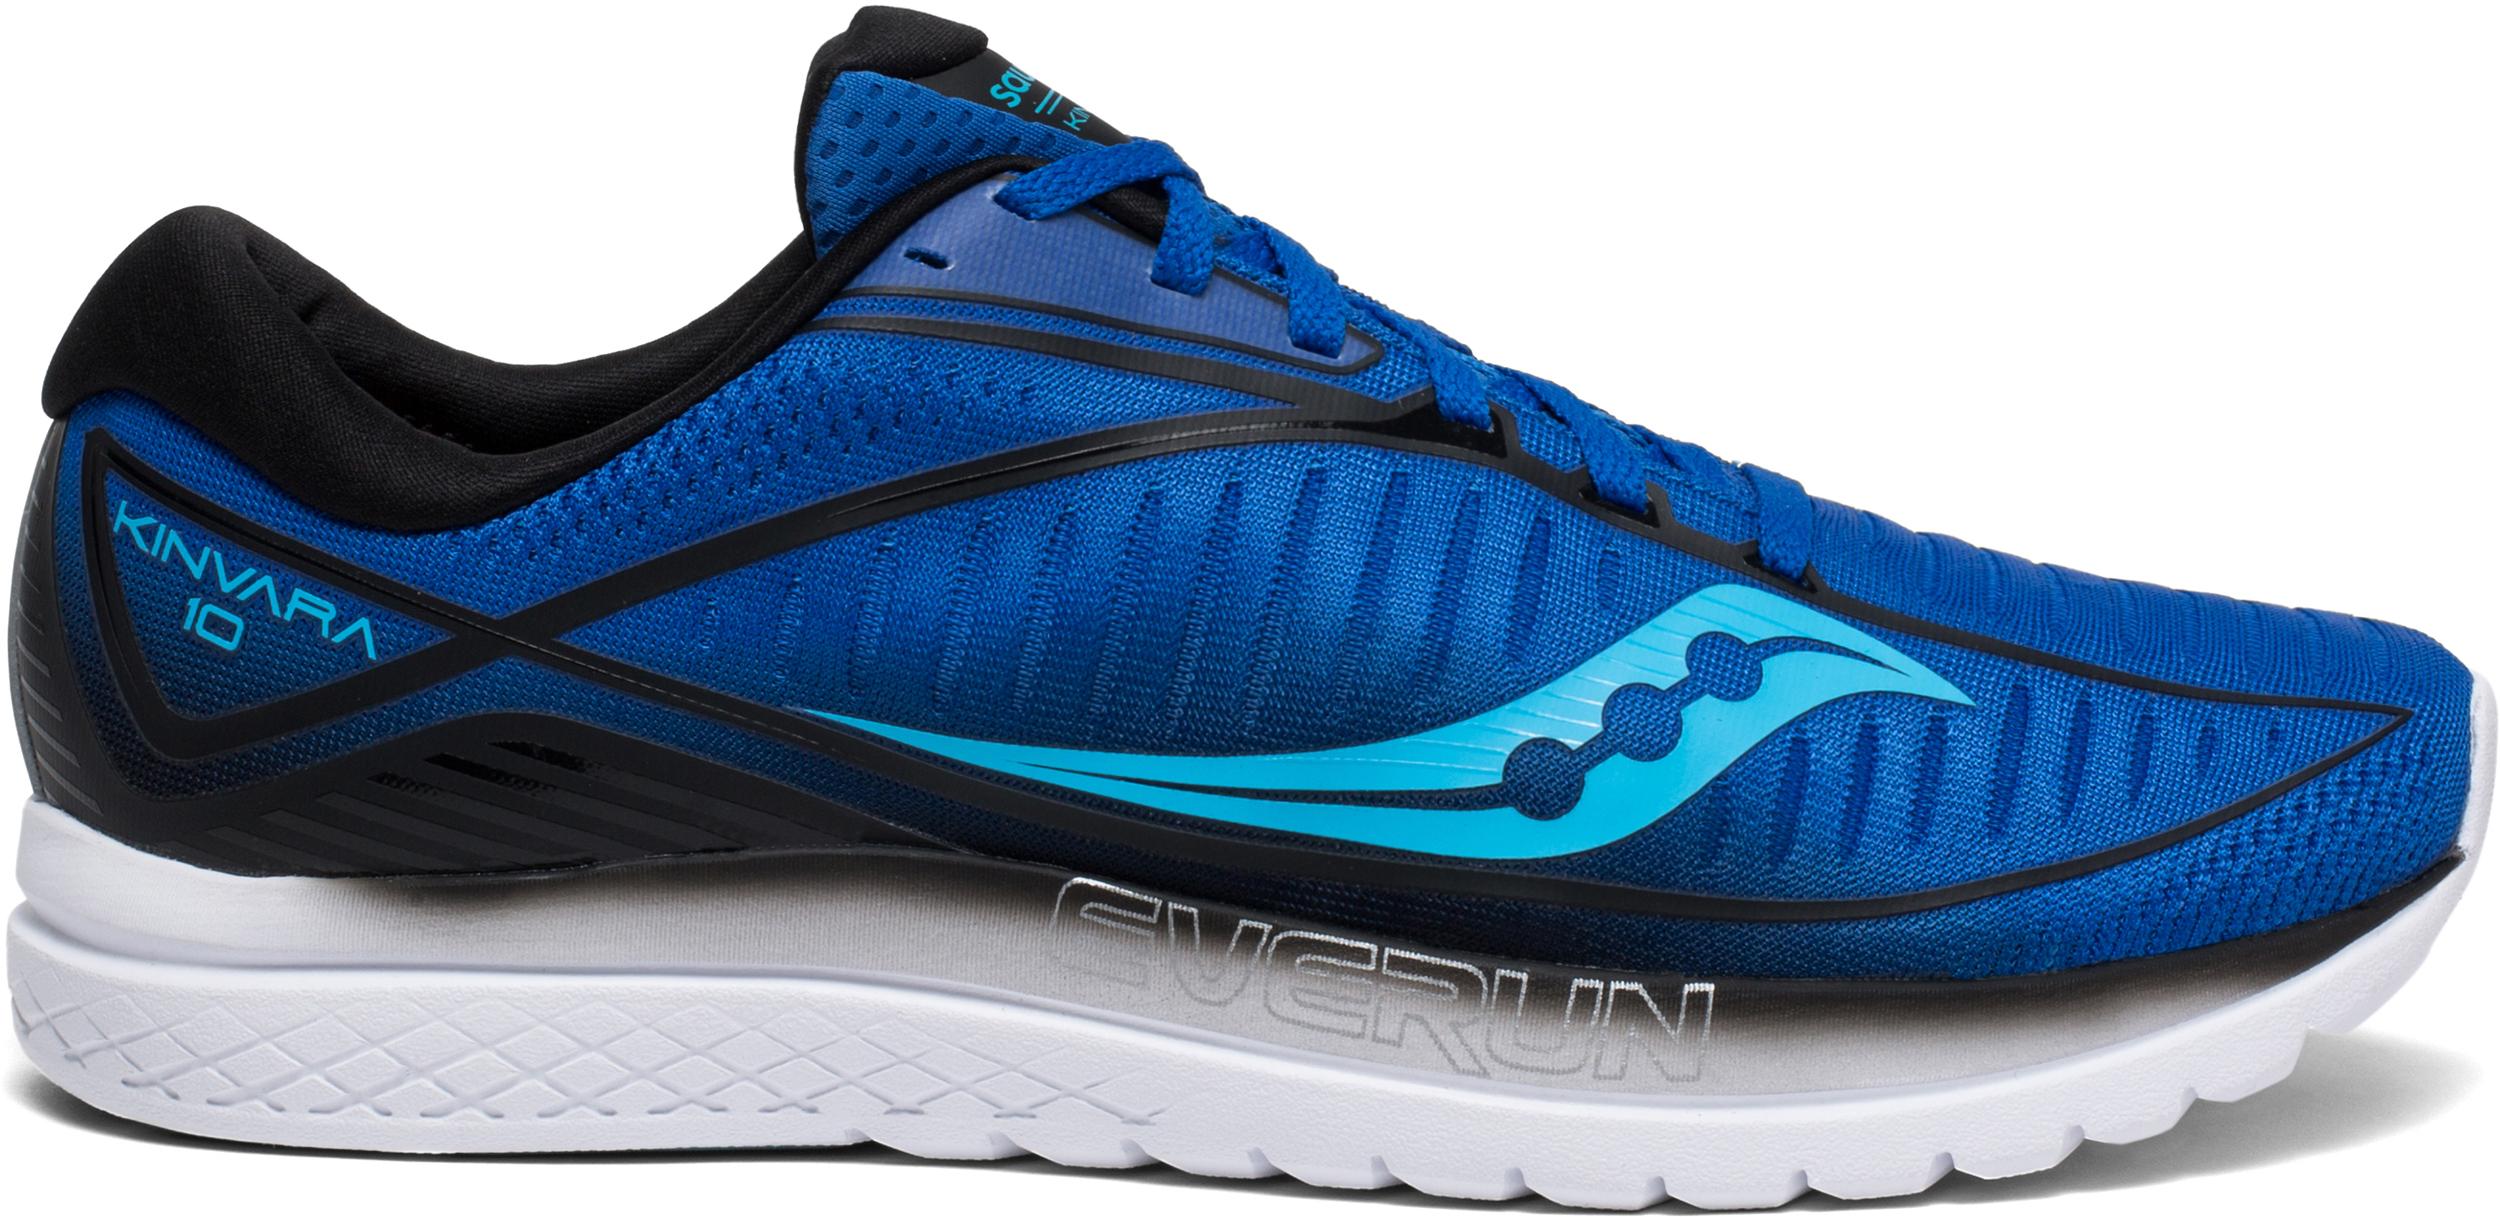 71afc4fb466d Men s Footwear